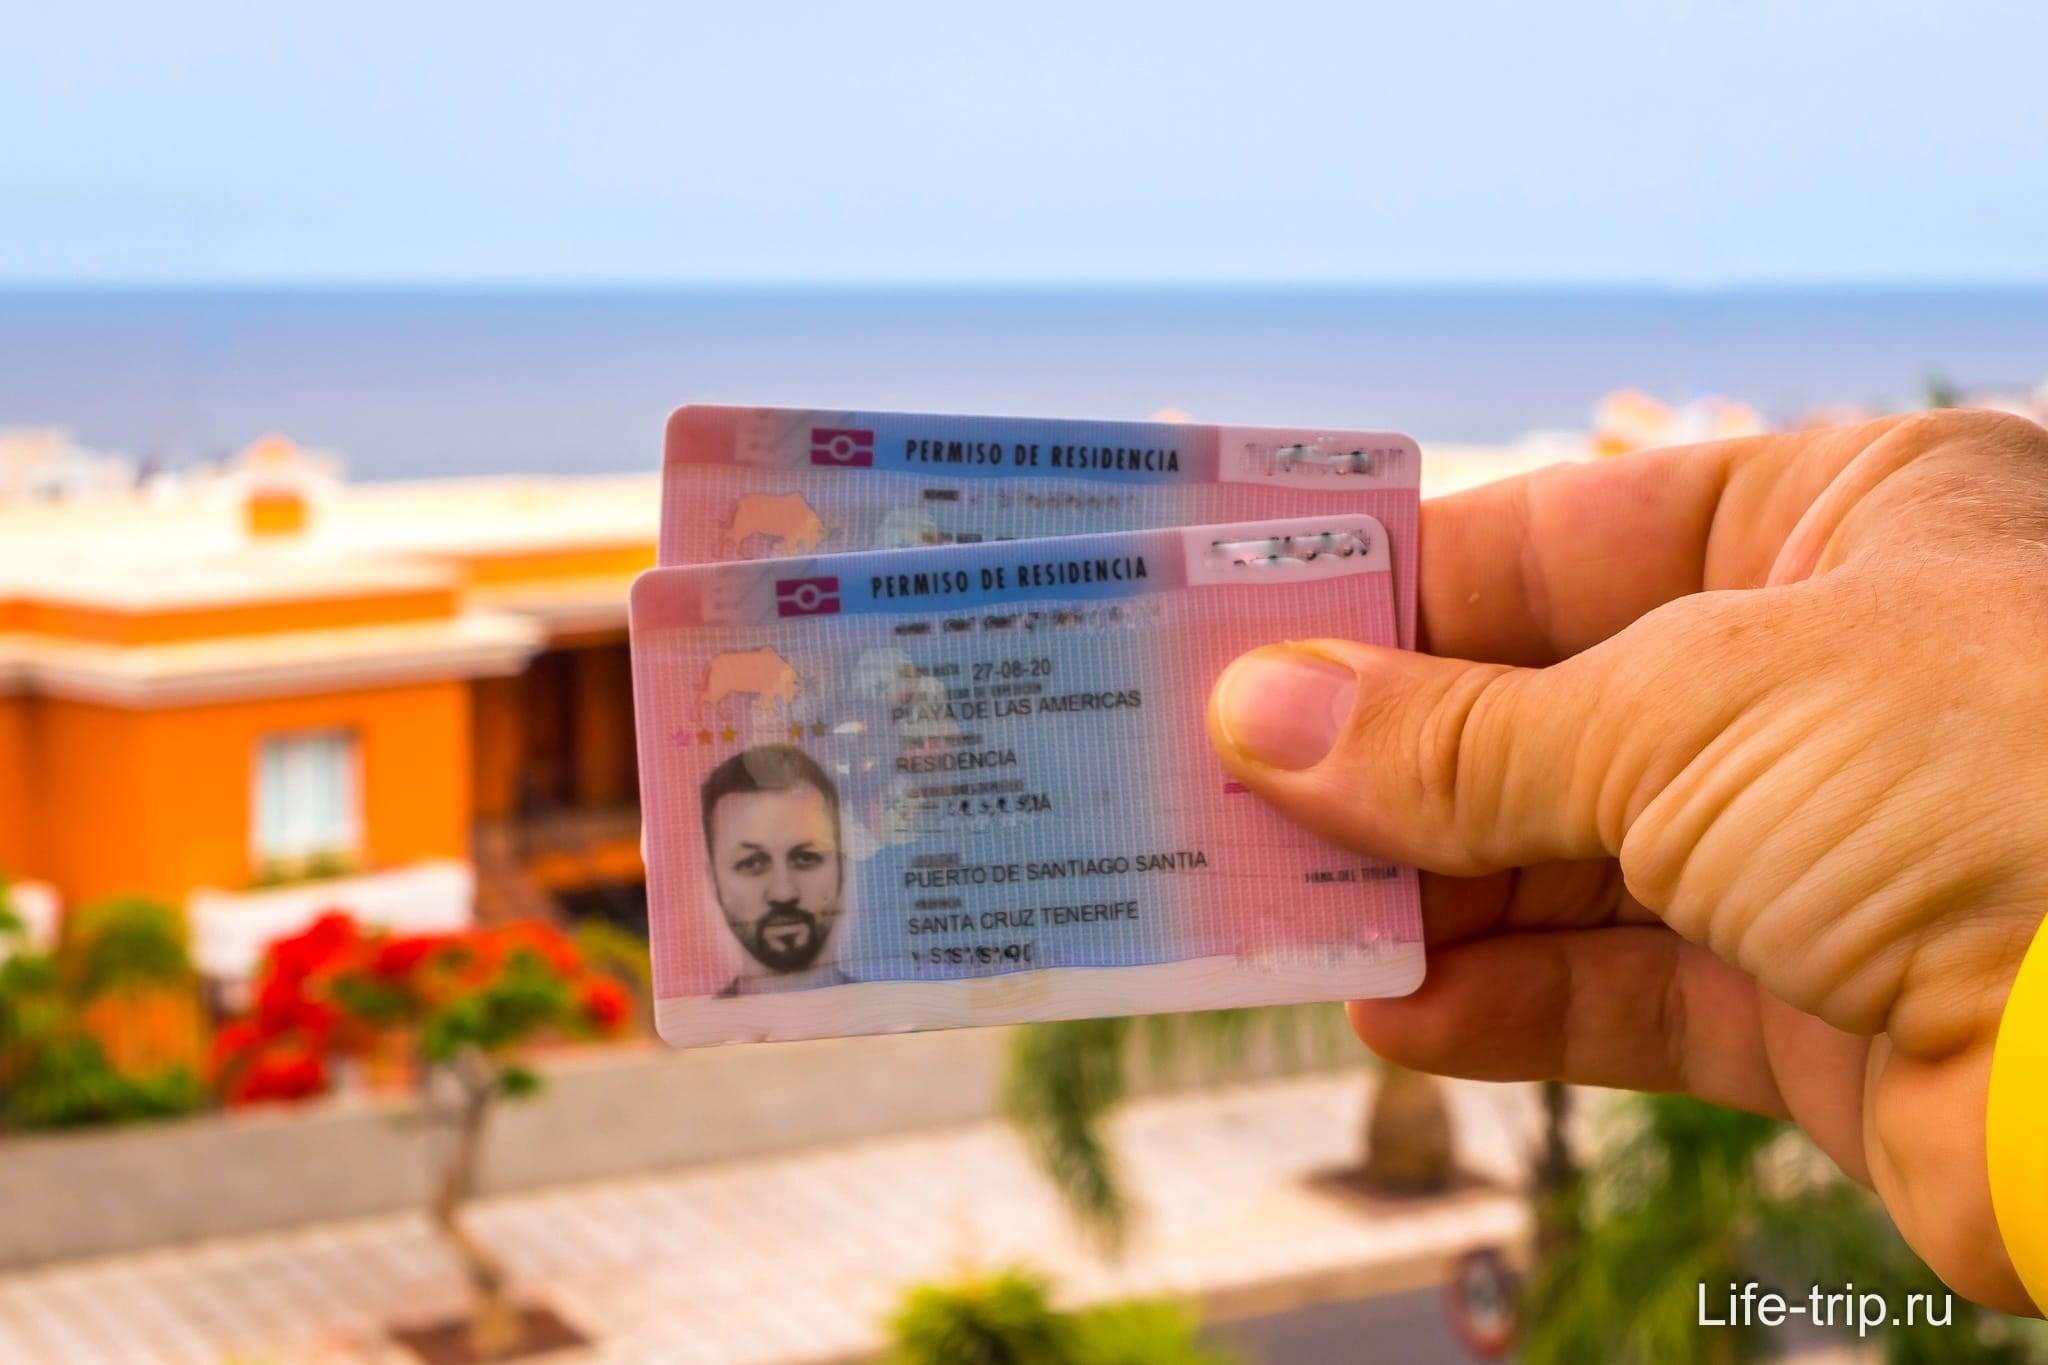 Переезд в испанию: оформление и получение вида на жительство